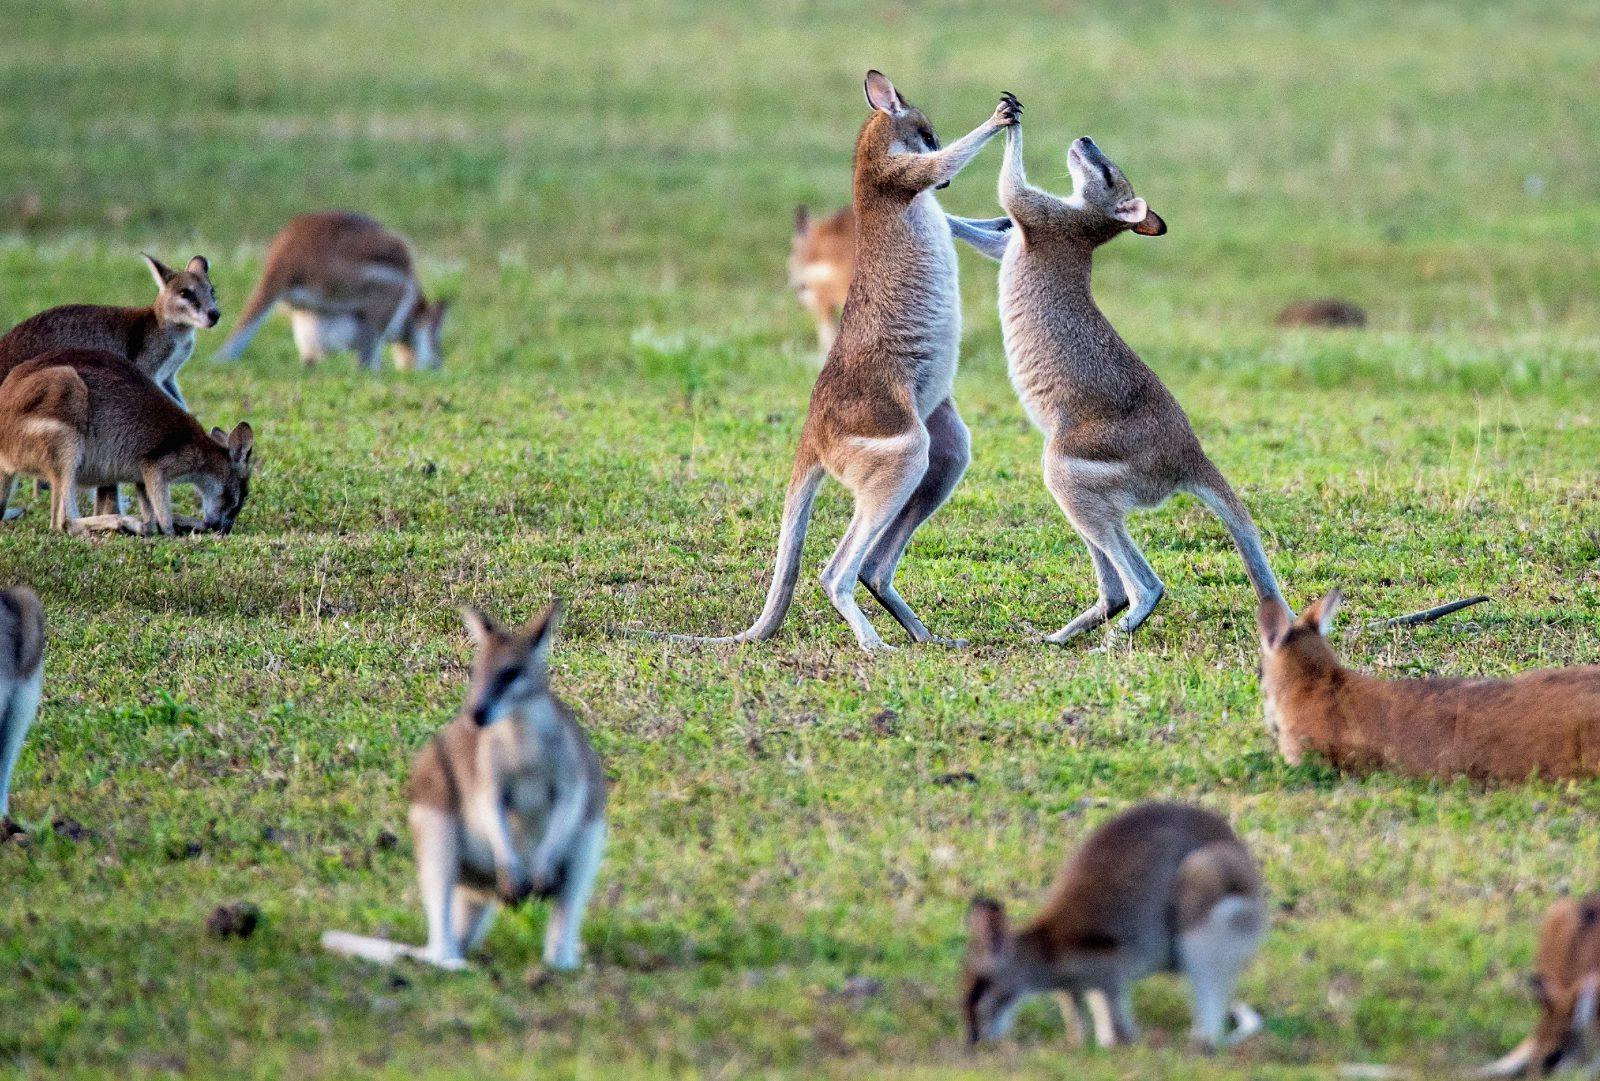 O canguru vive em bando e tem hábitos noturnos e crepusculares.